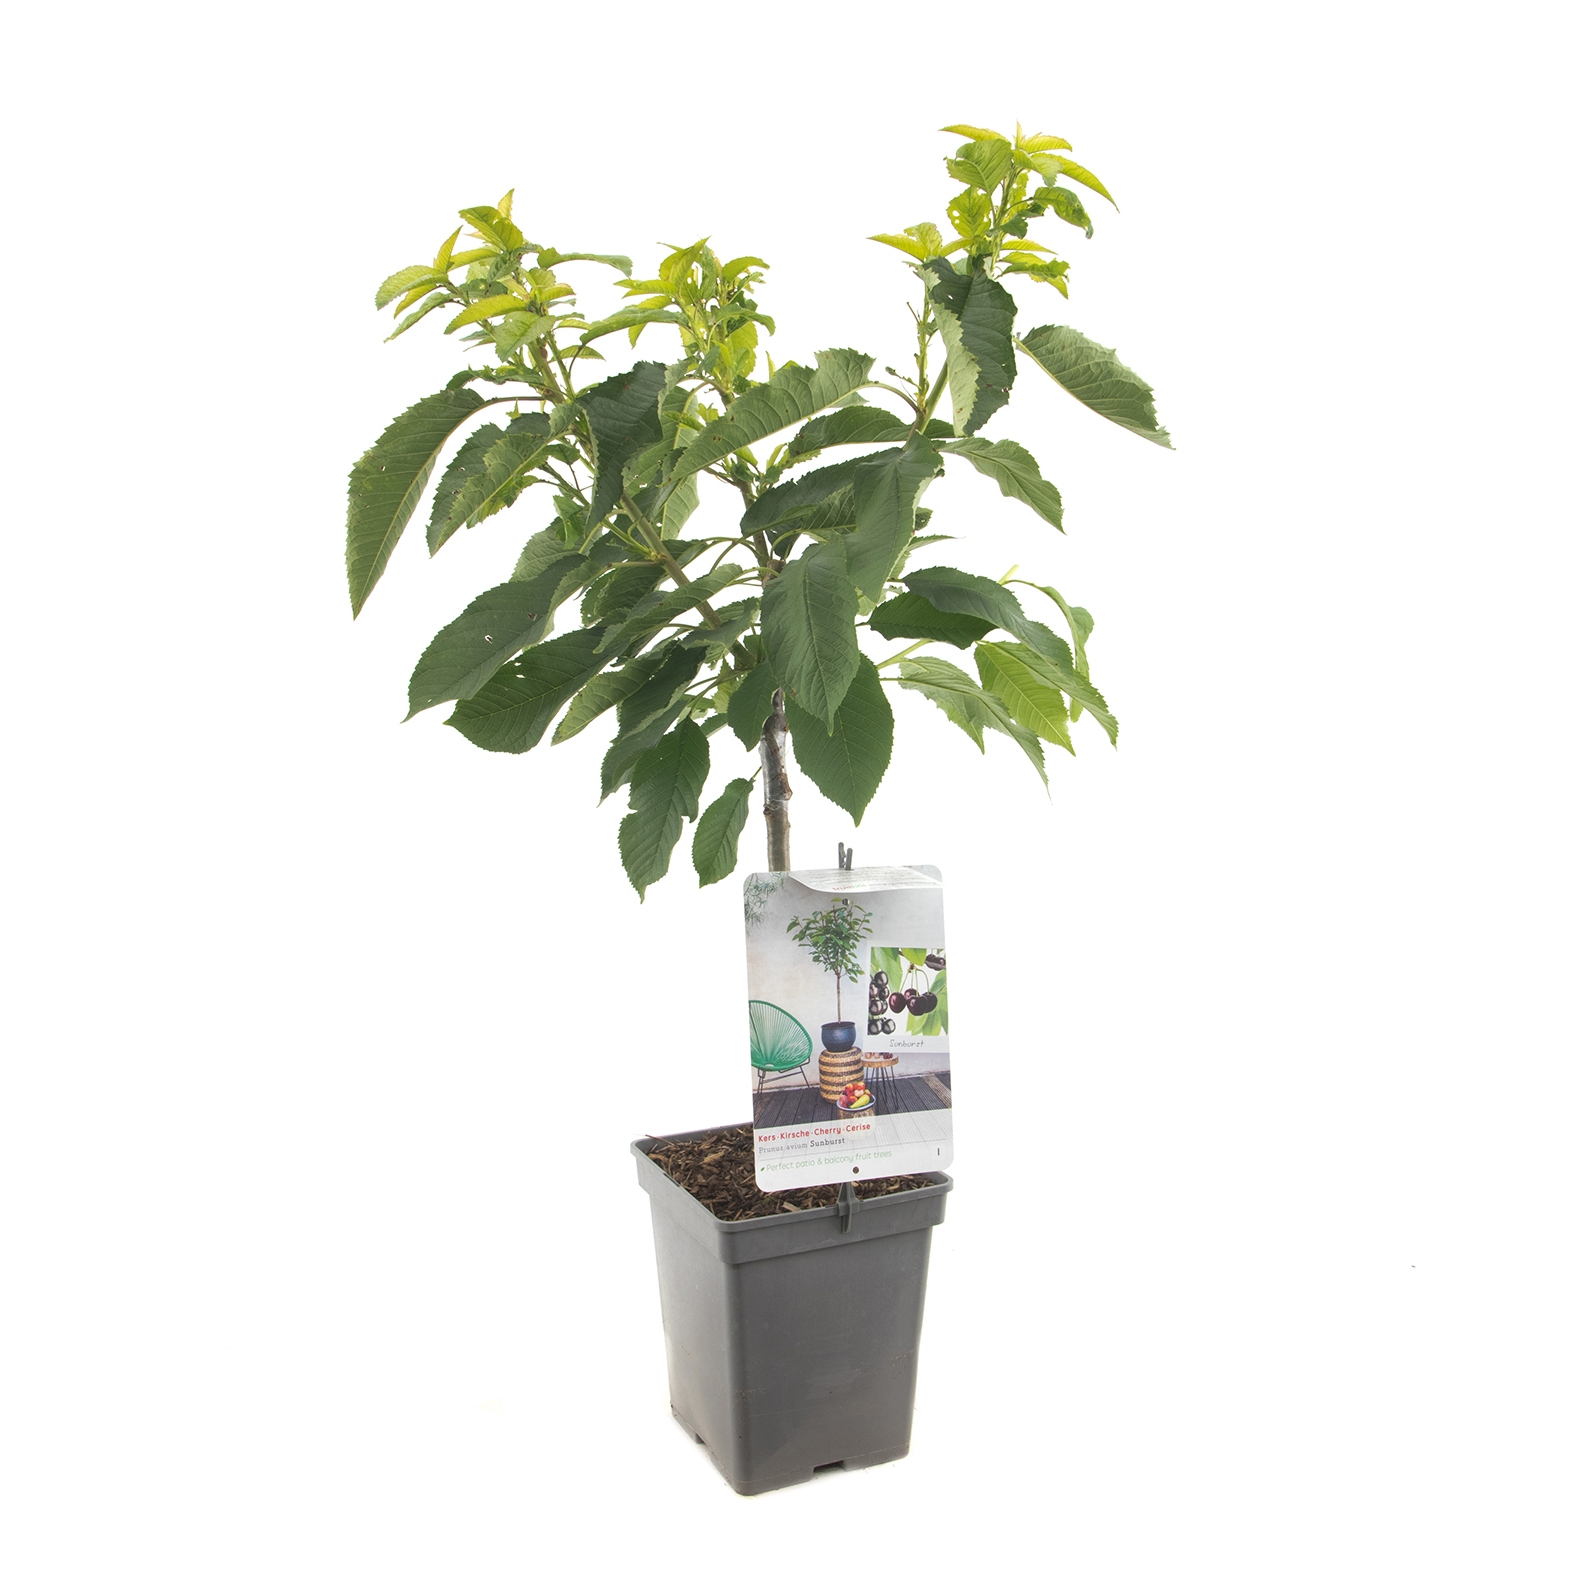 Patio kersenboom Prunus avium 'Sunburst'